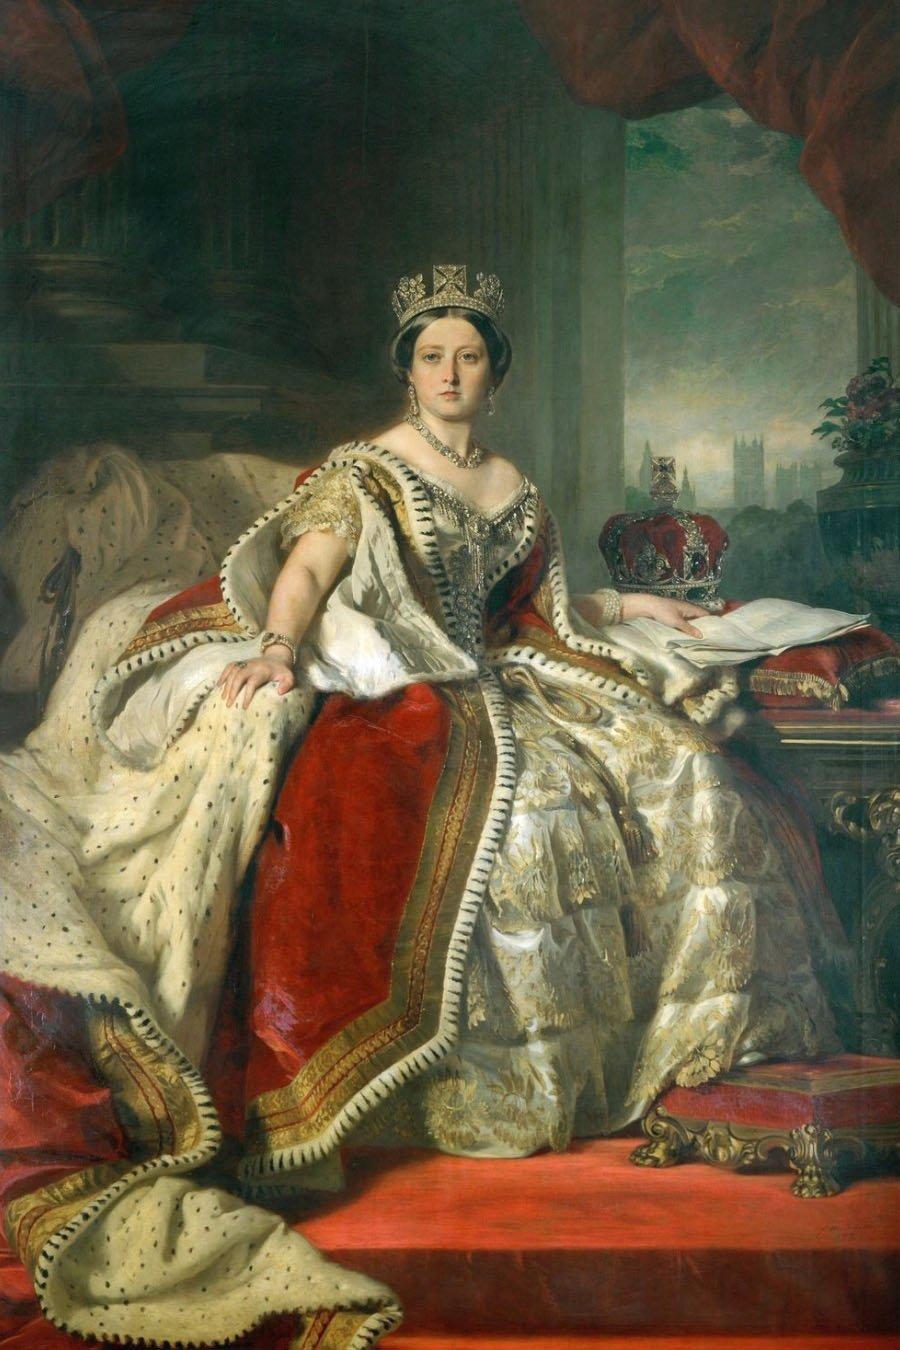 Портрет в образе королевы по фото